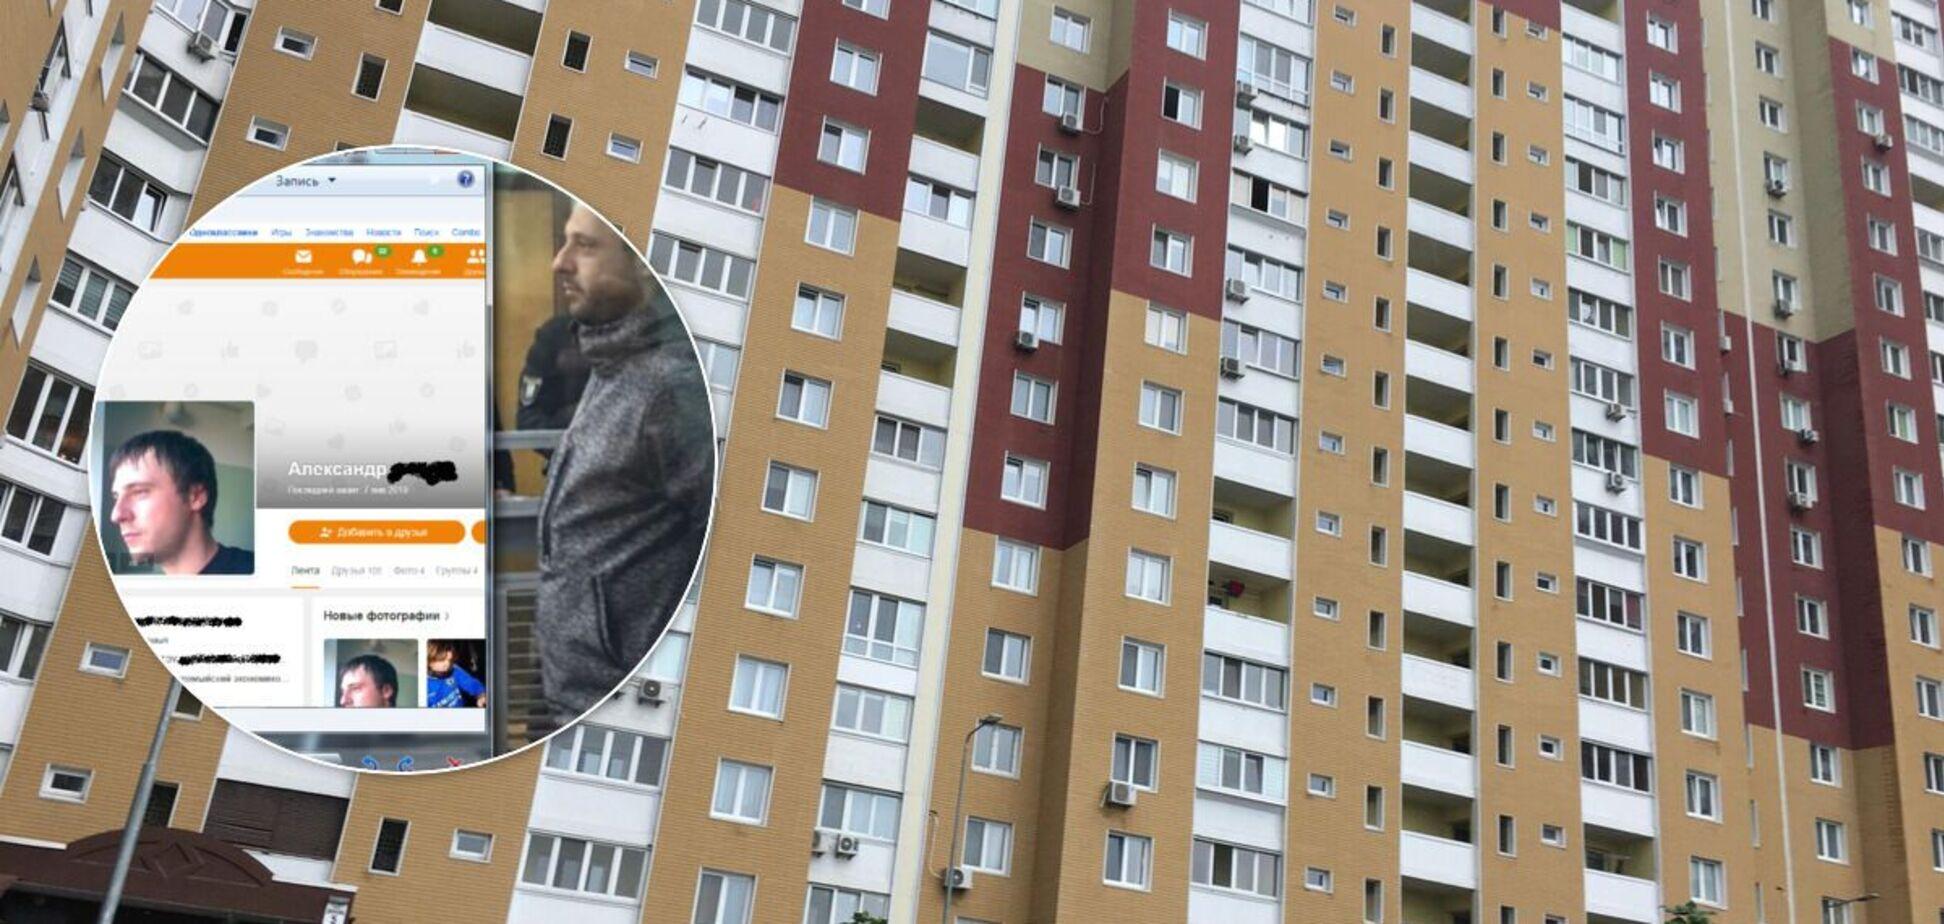 Курил 'дурь' и работал в строительной компании: что известно об отце, убившем 6-летнего сына в Киеве